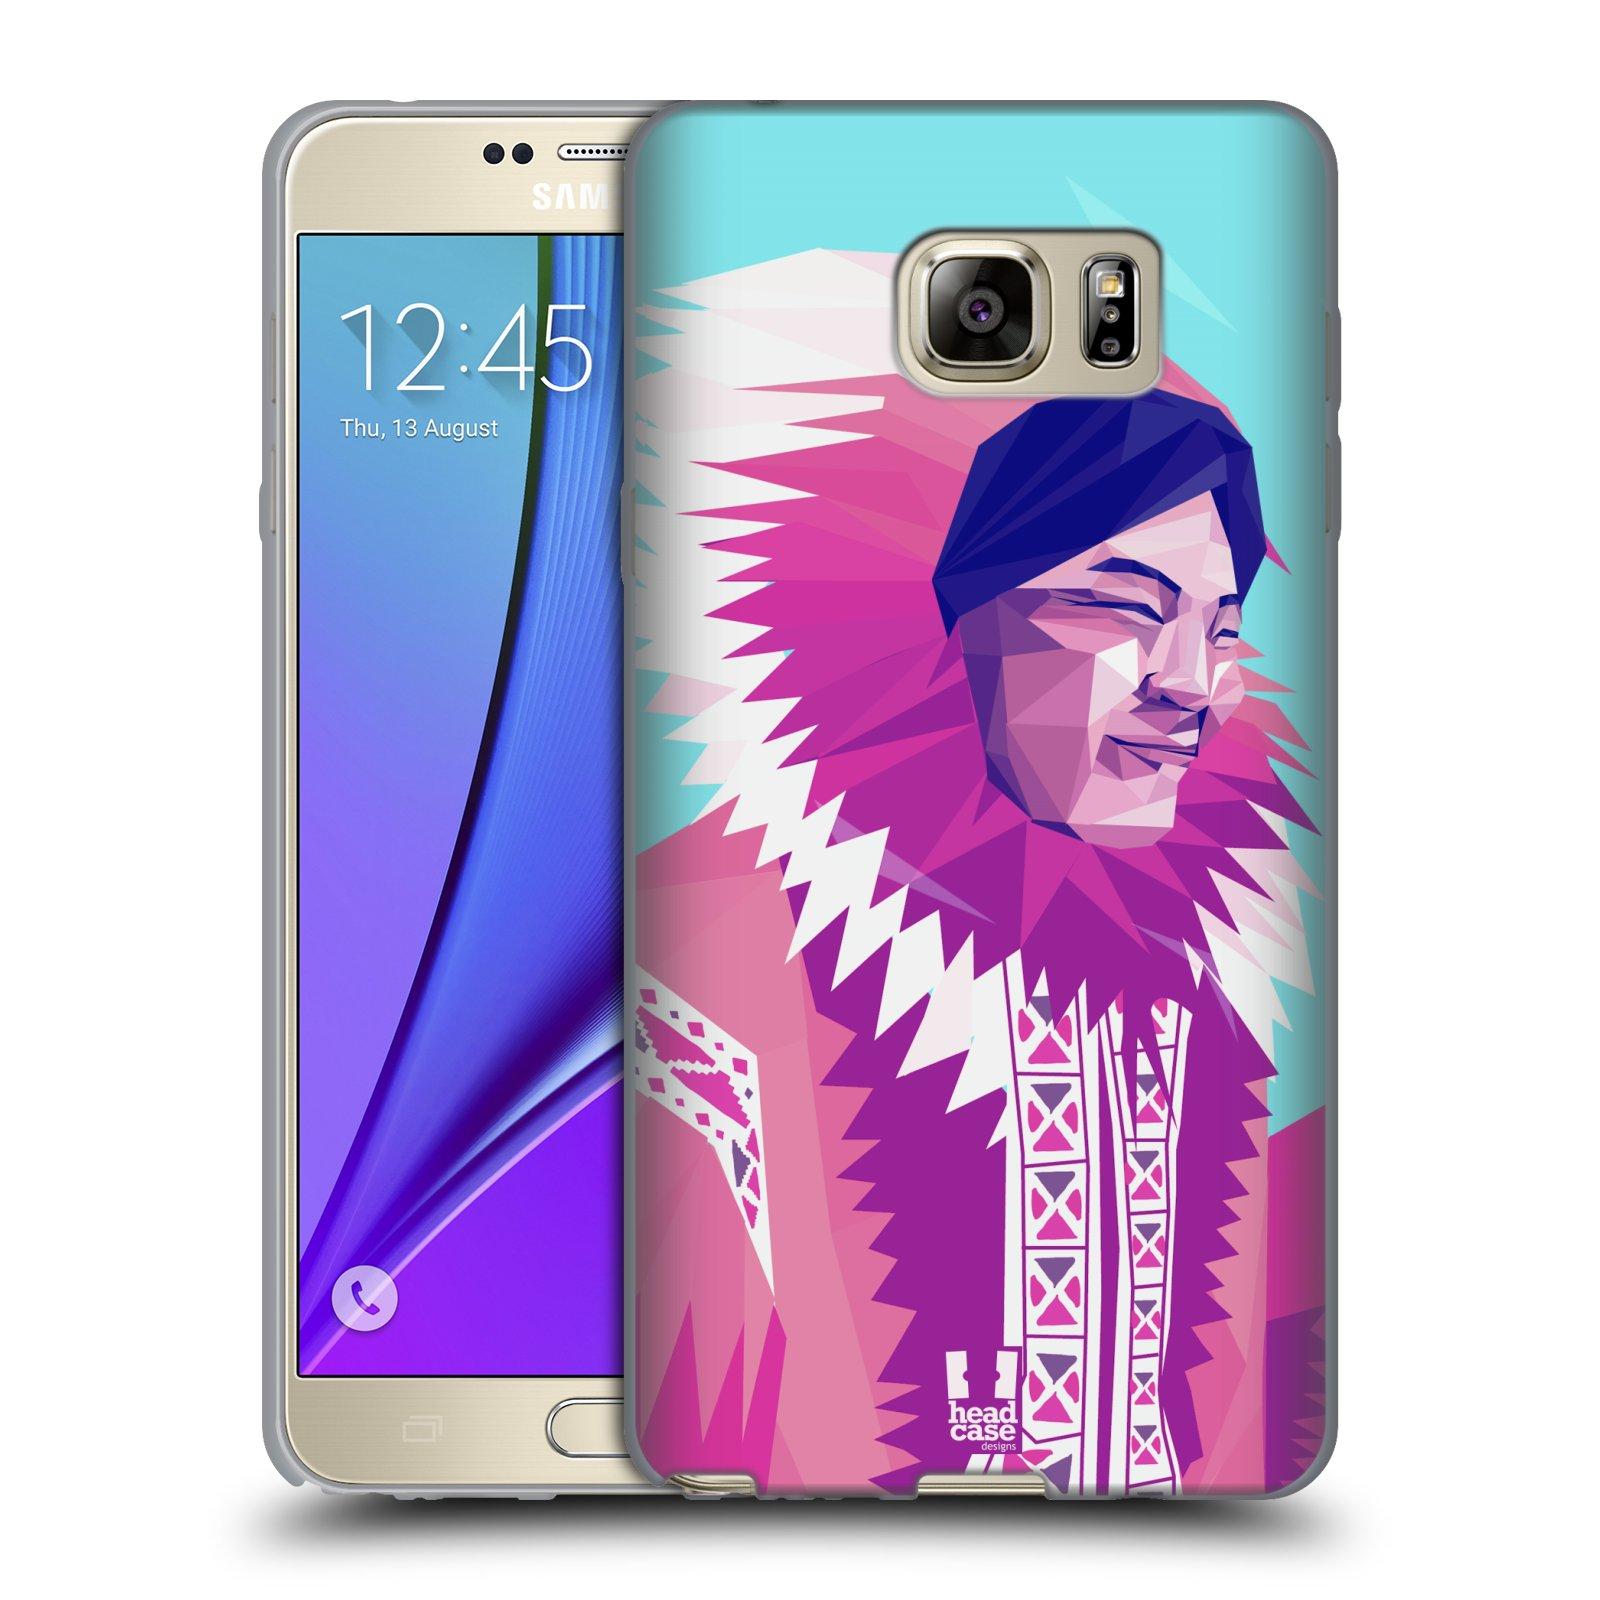 HEAD CASE silikonový obal na mobil Samsung Galaxy Note 5 (N920) vzor Lidé světa ESKYMÁK